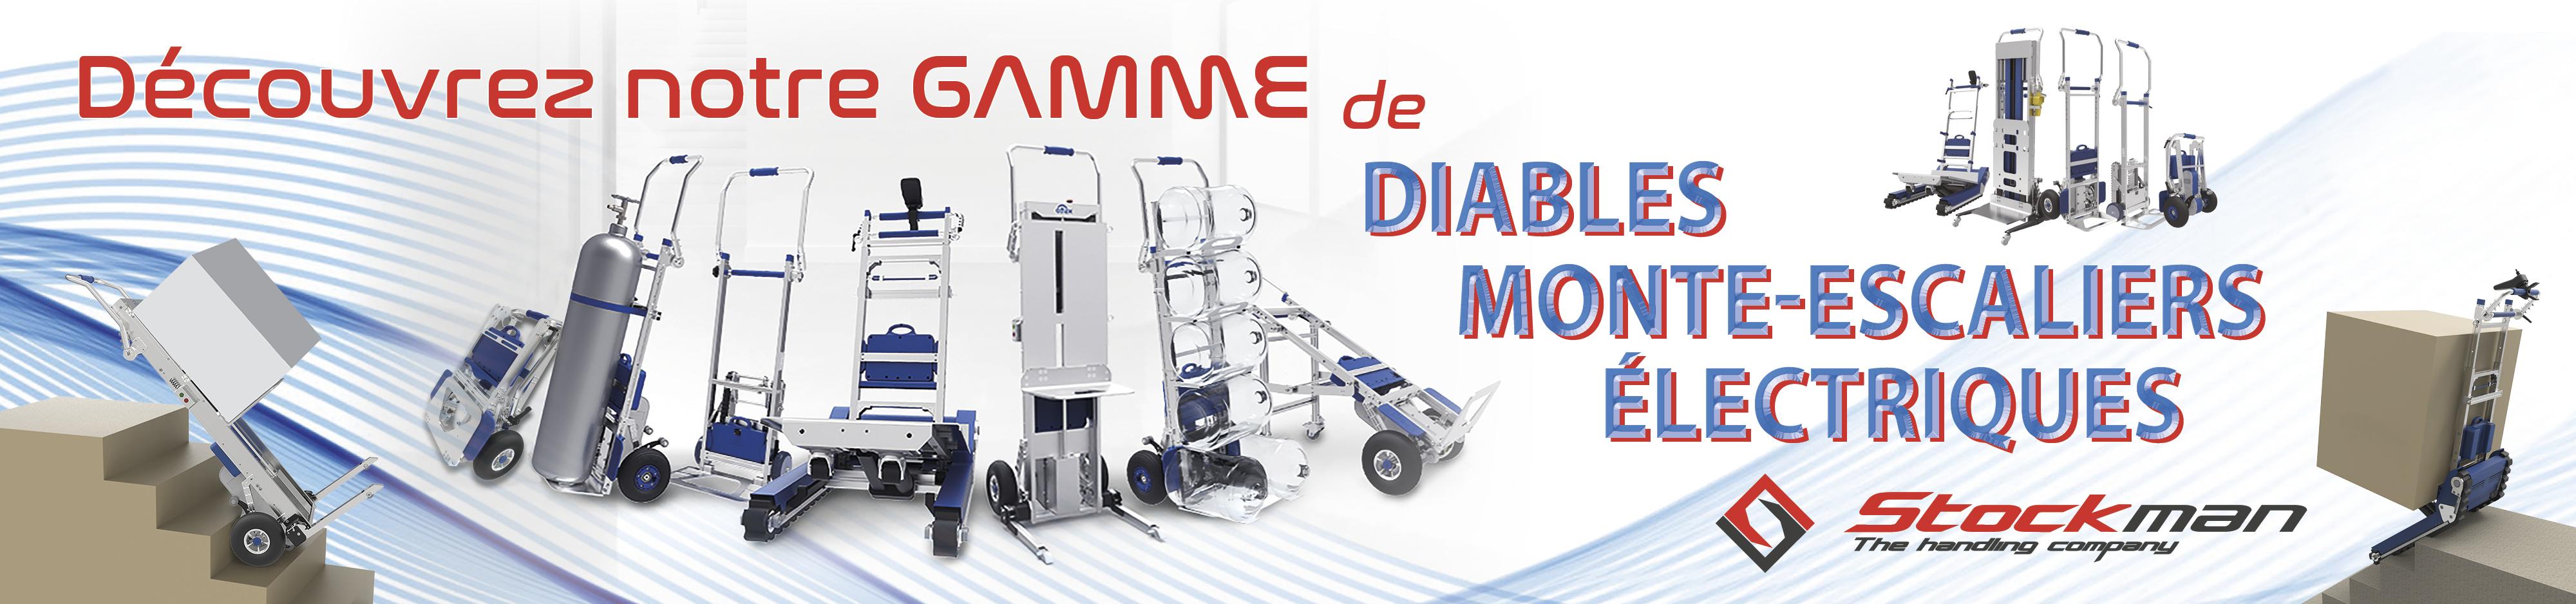 https://www.stockman.fr/diables-et-chariots-de-manutention--6/diables-monte-escalier-electriques--31.aspx